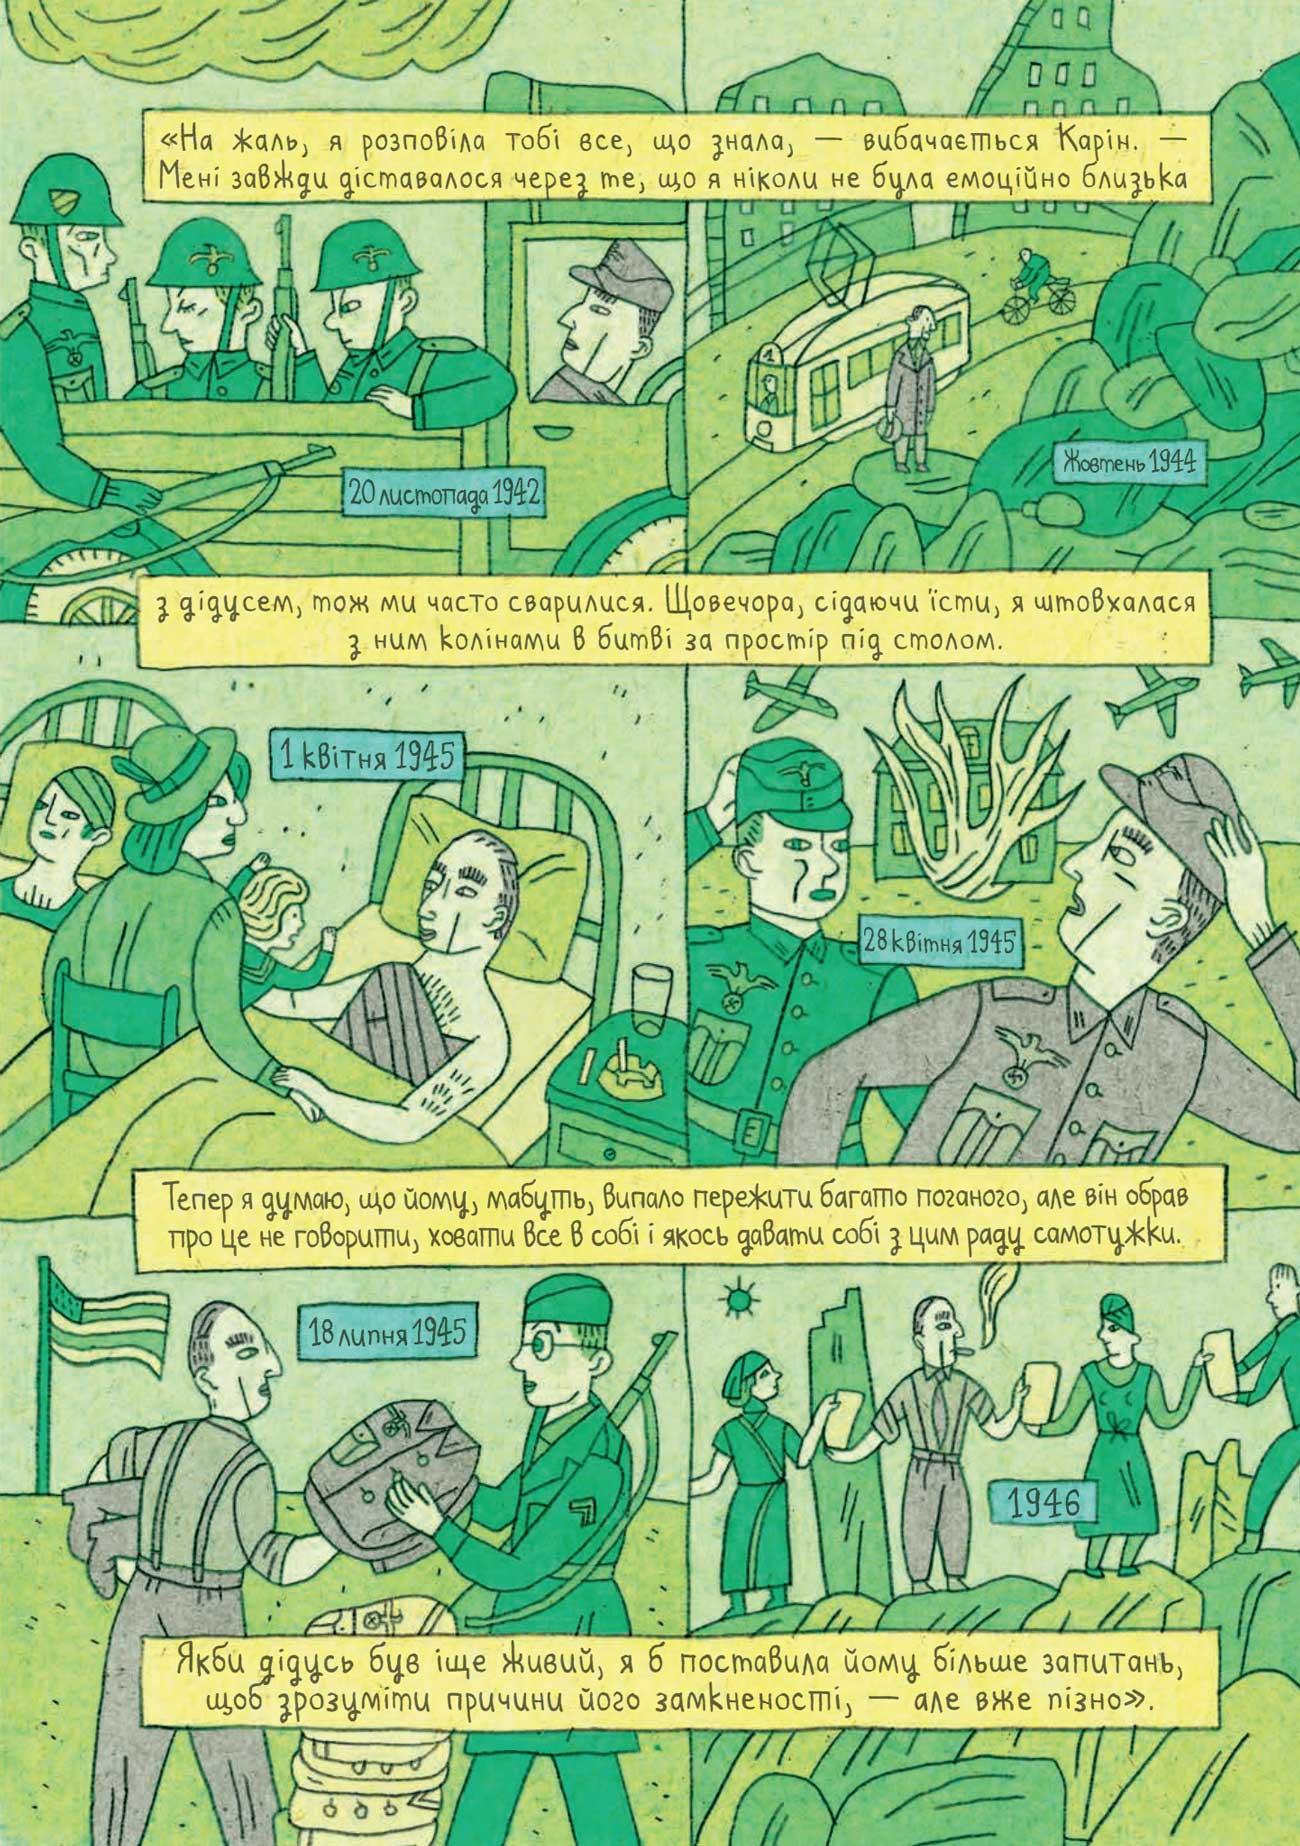 comics homeland 09 - <b>Семейные архивы не горят.</b> Отрывок из комикса «Родина» Норы Круг - Заборона